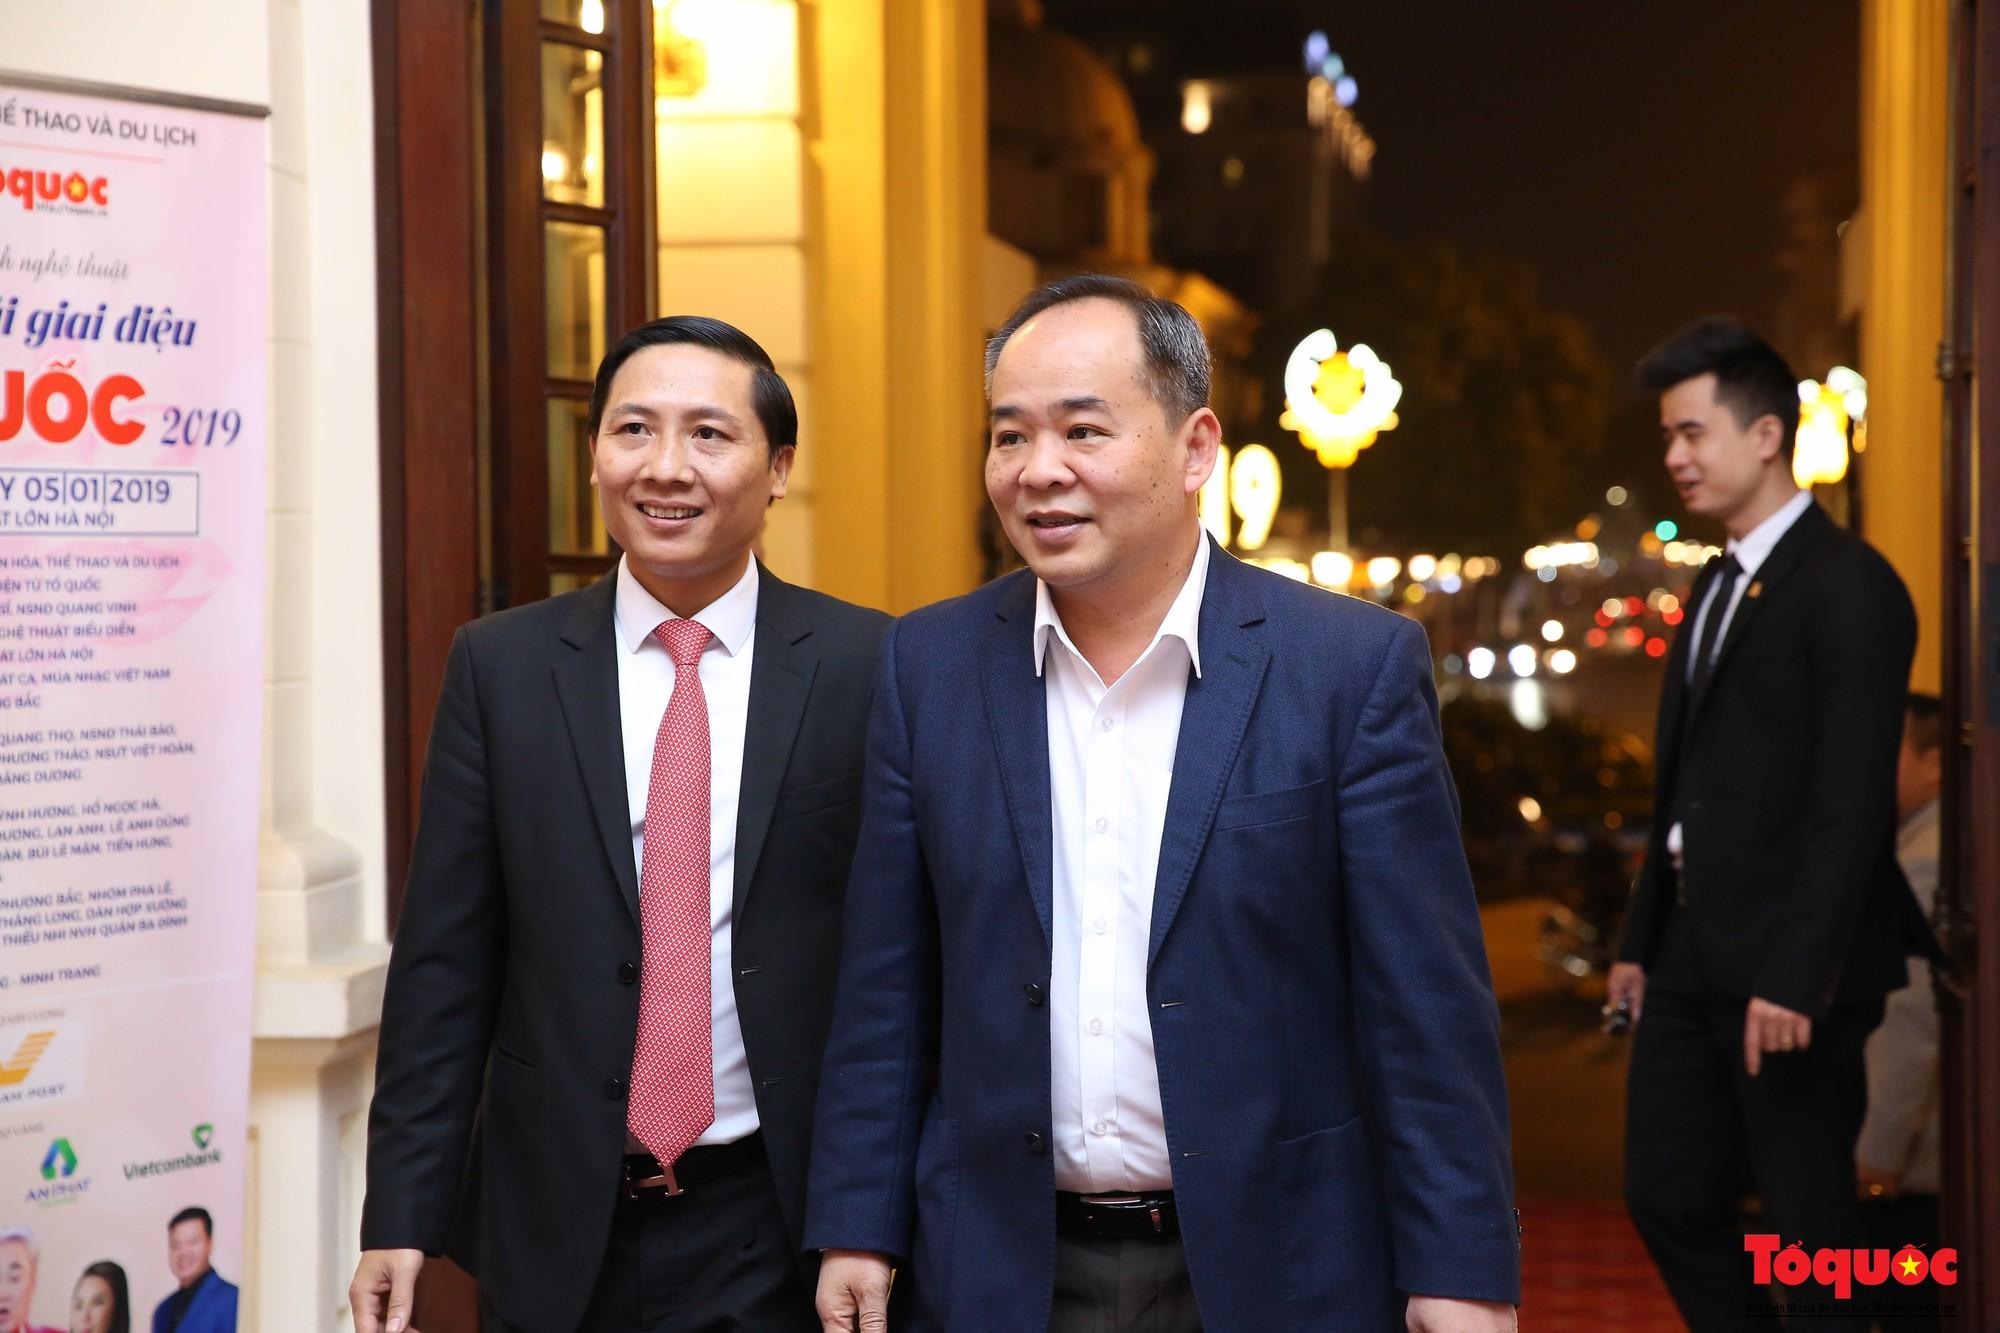 vang mai giai dieu to quoc 2019 (34)